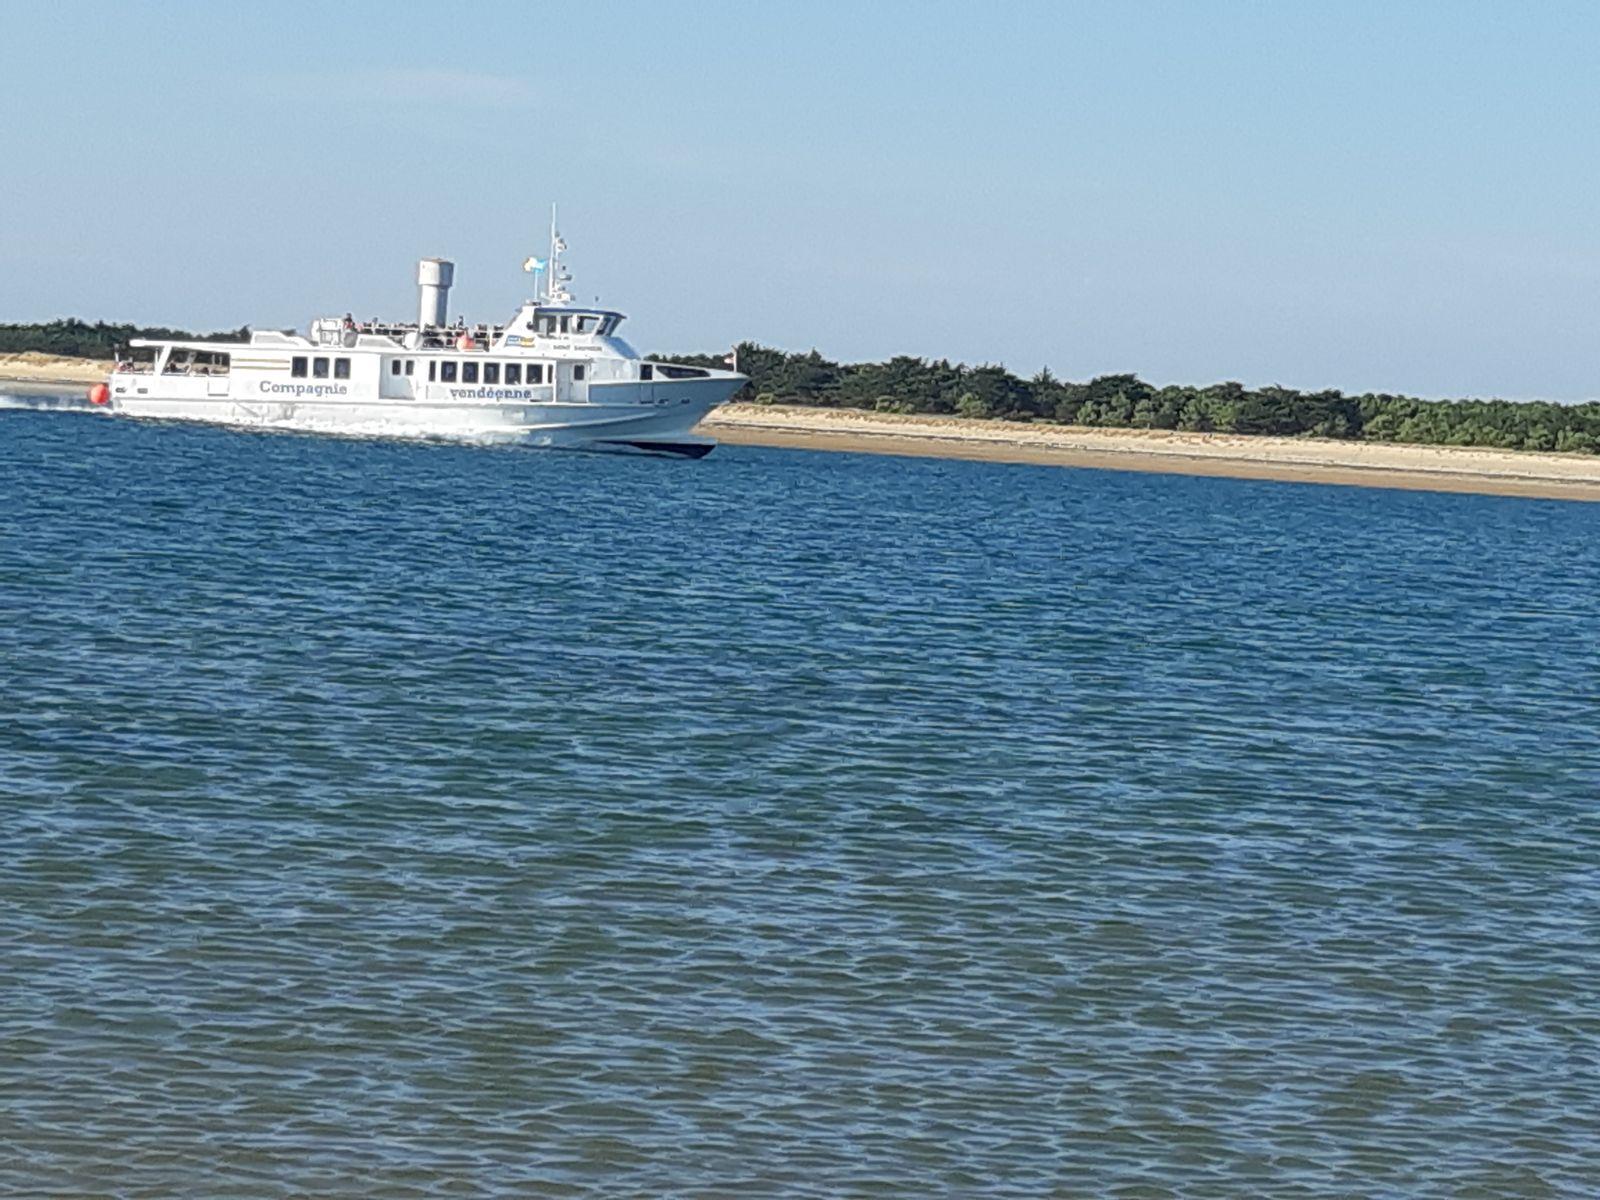 Départ pour l'Ile d'Yeue de Fromentine à 20 kms.